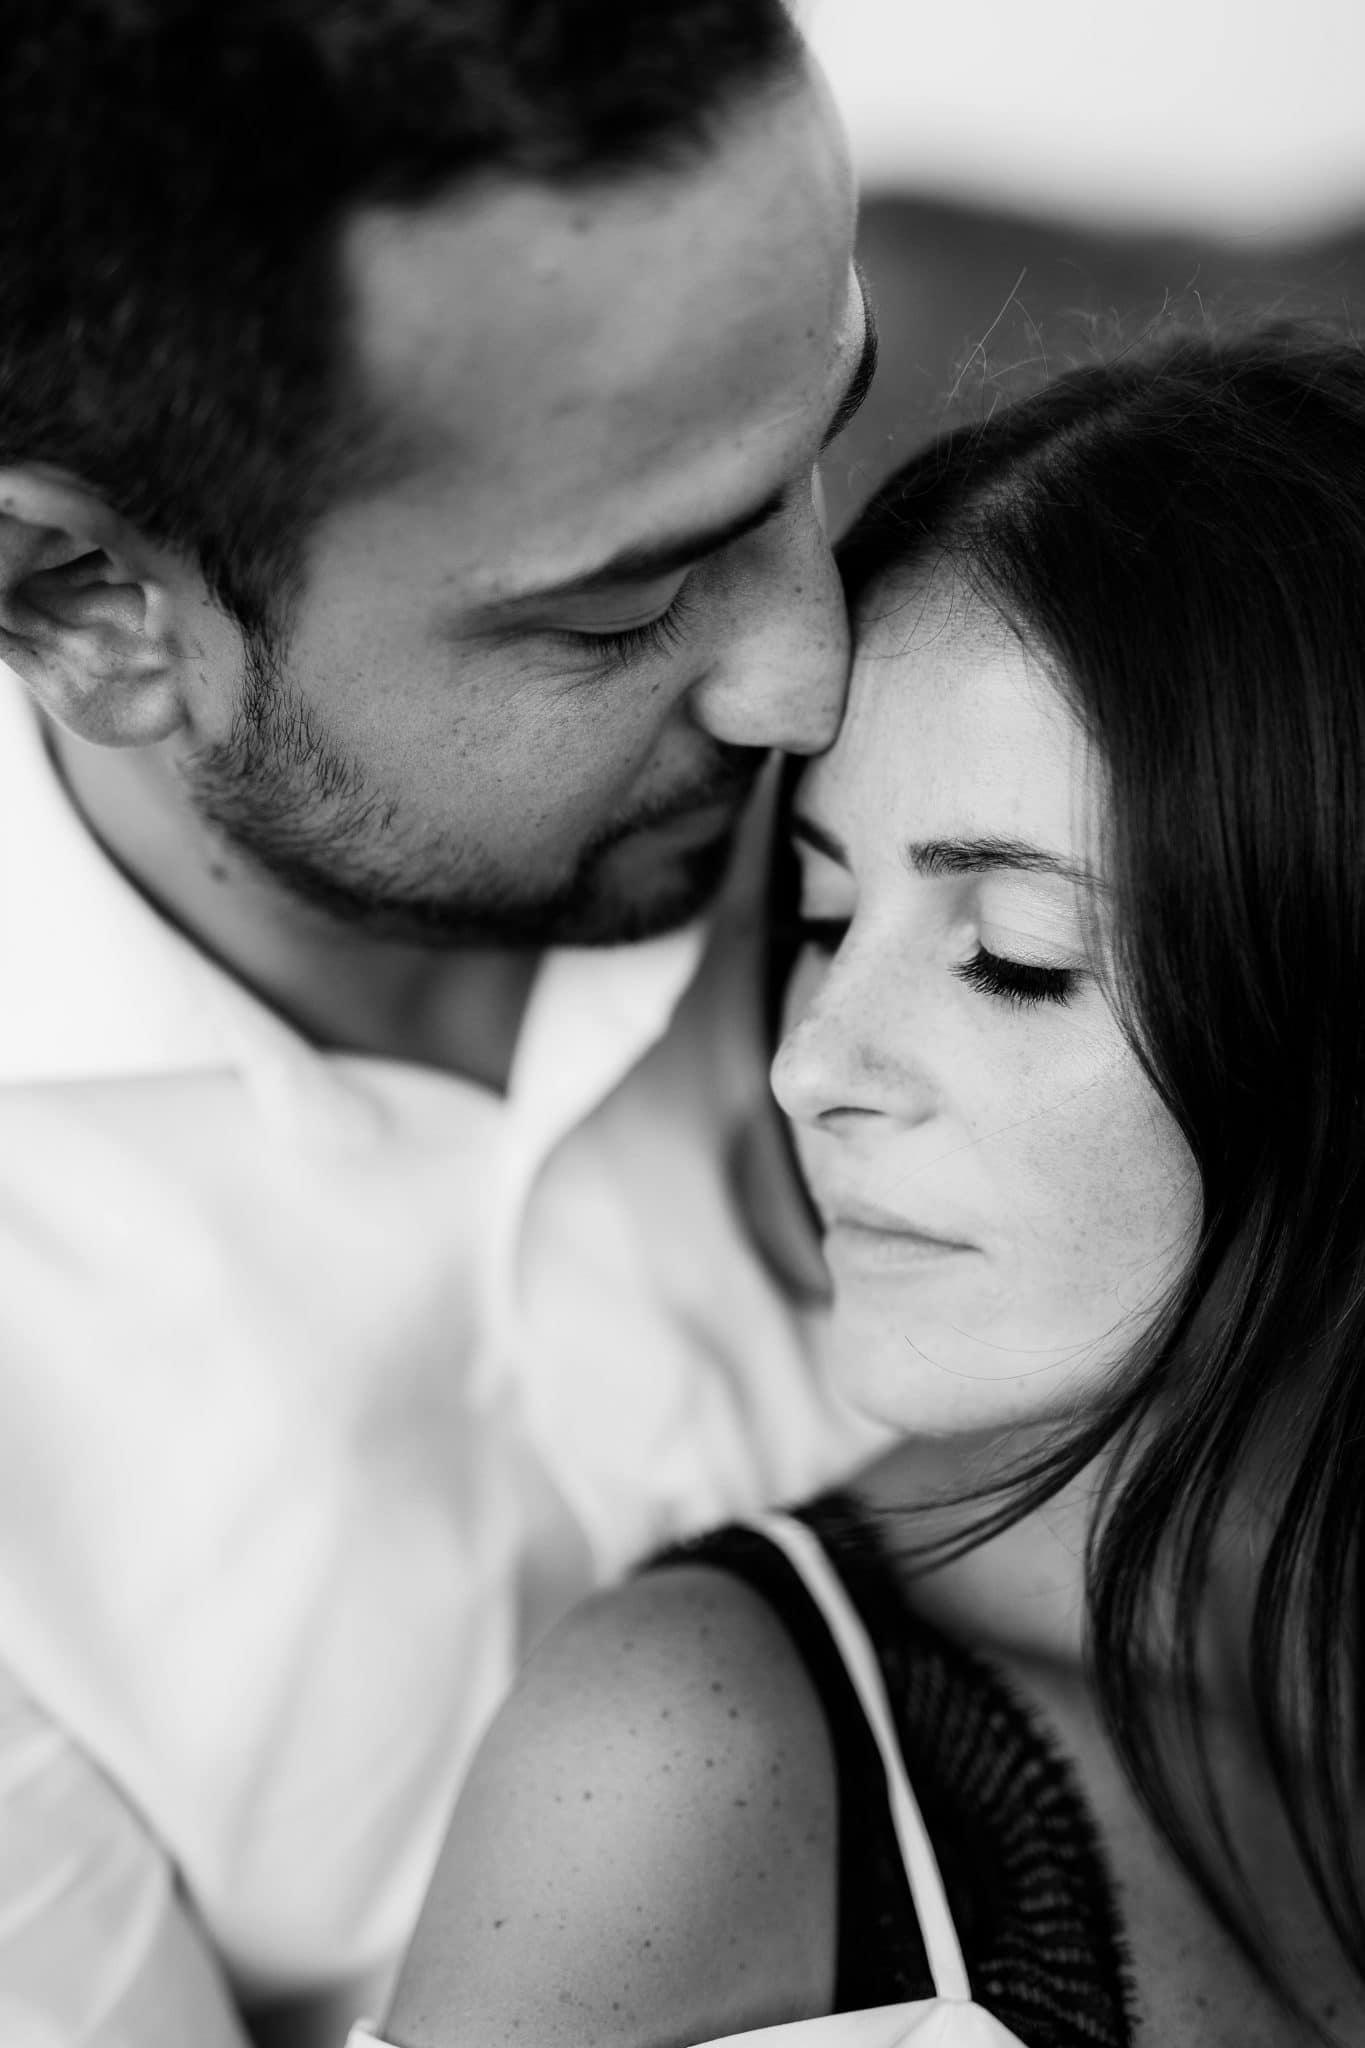 foto fidanzamento alghero bianco nero